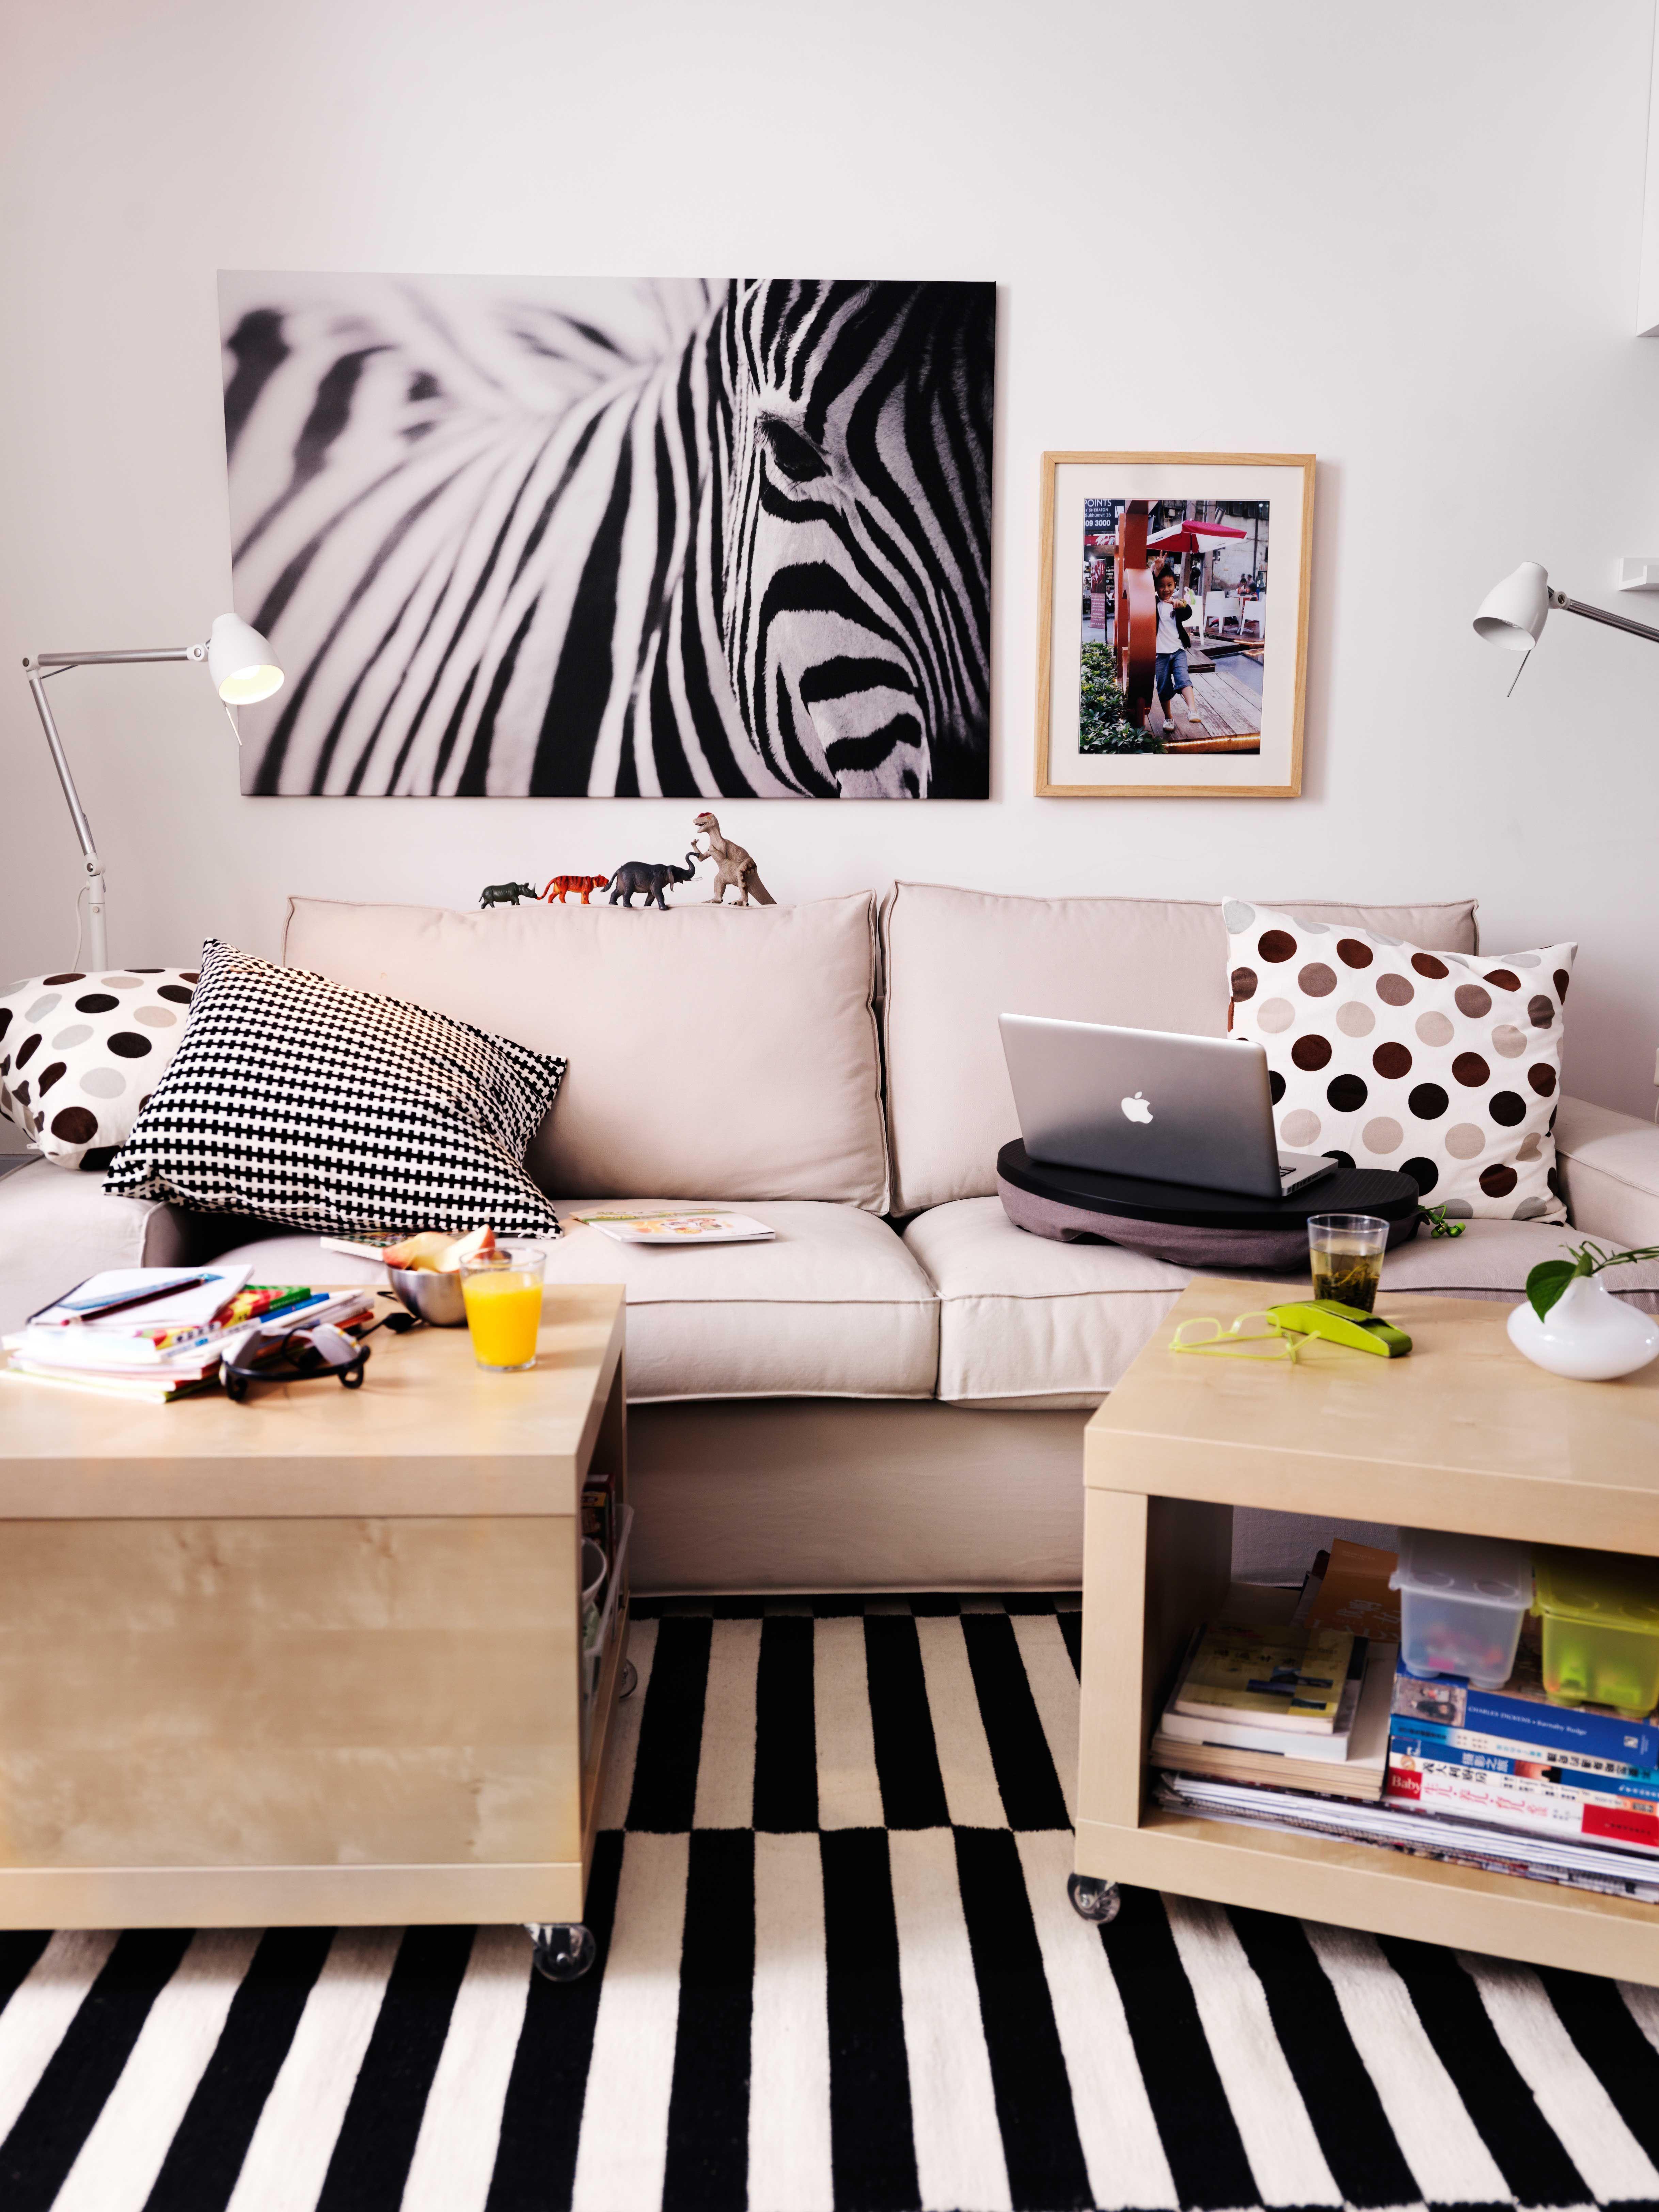 wohnzimmer wohnzimmerm bel online kaufen decorating ikea living room room. Black Bedroom Furniture Sets. Home Design Ideas